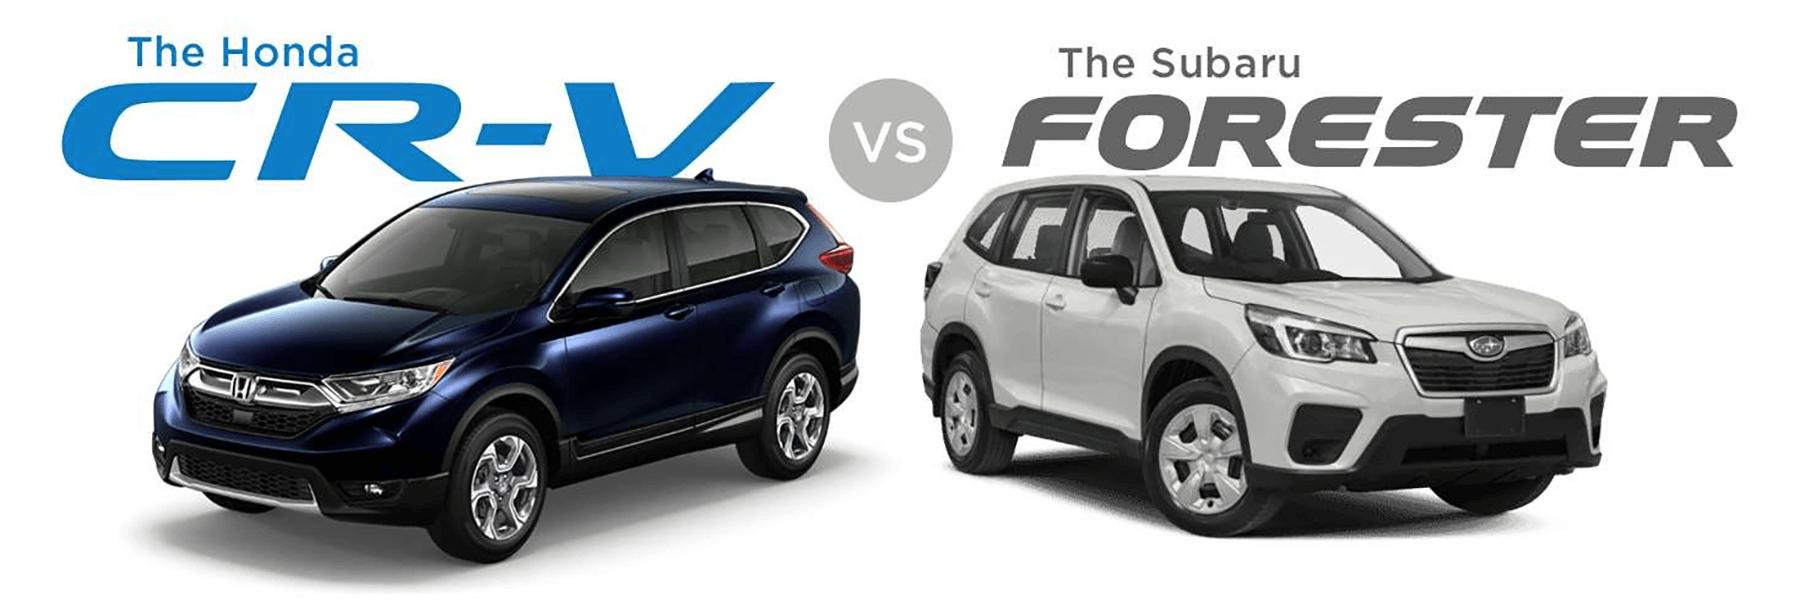 Honda CR-V Versus Subaru Forester Slider